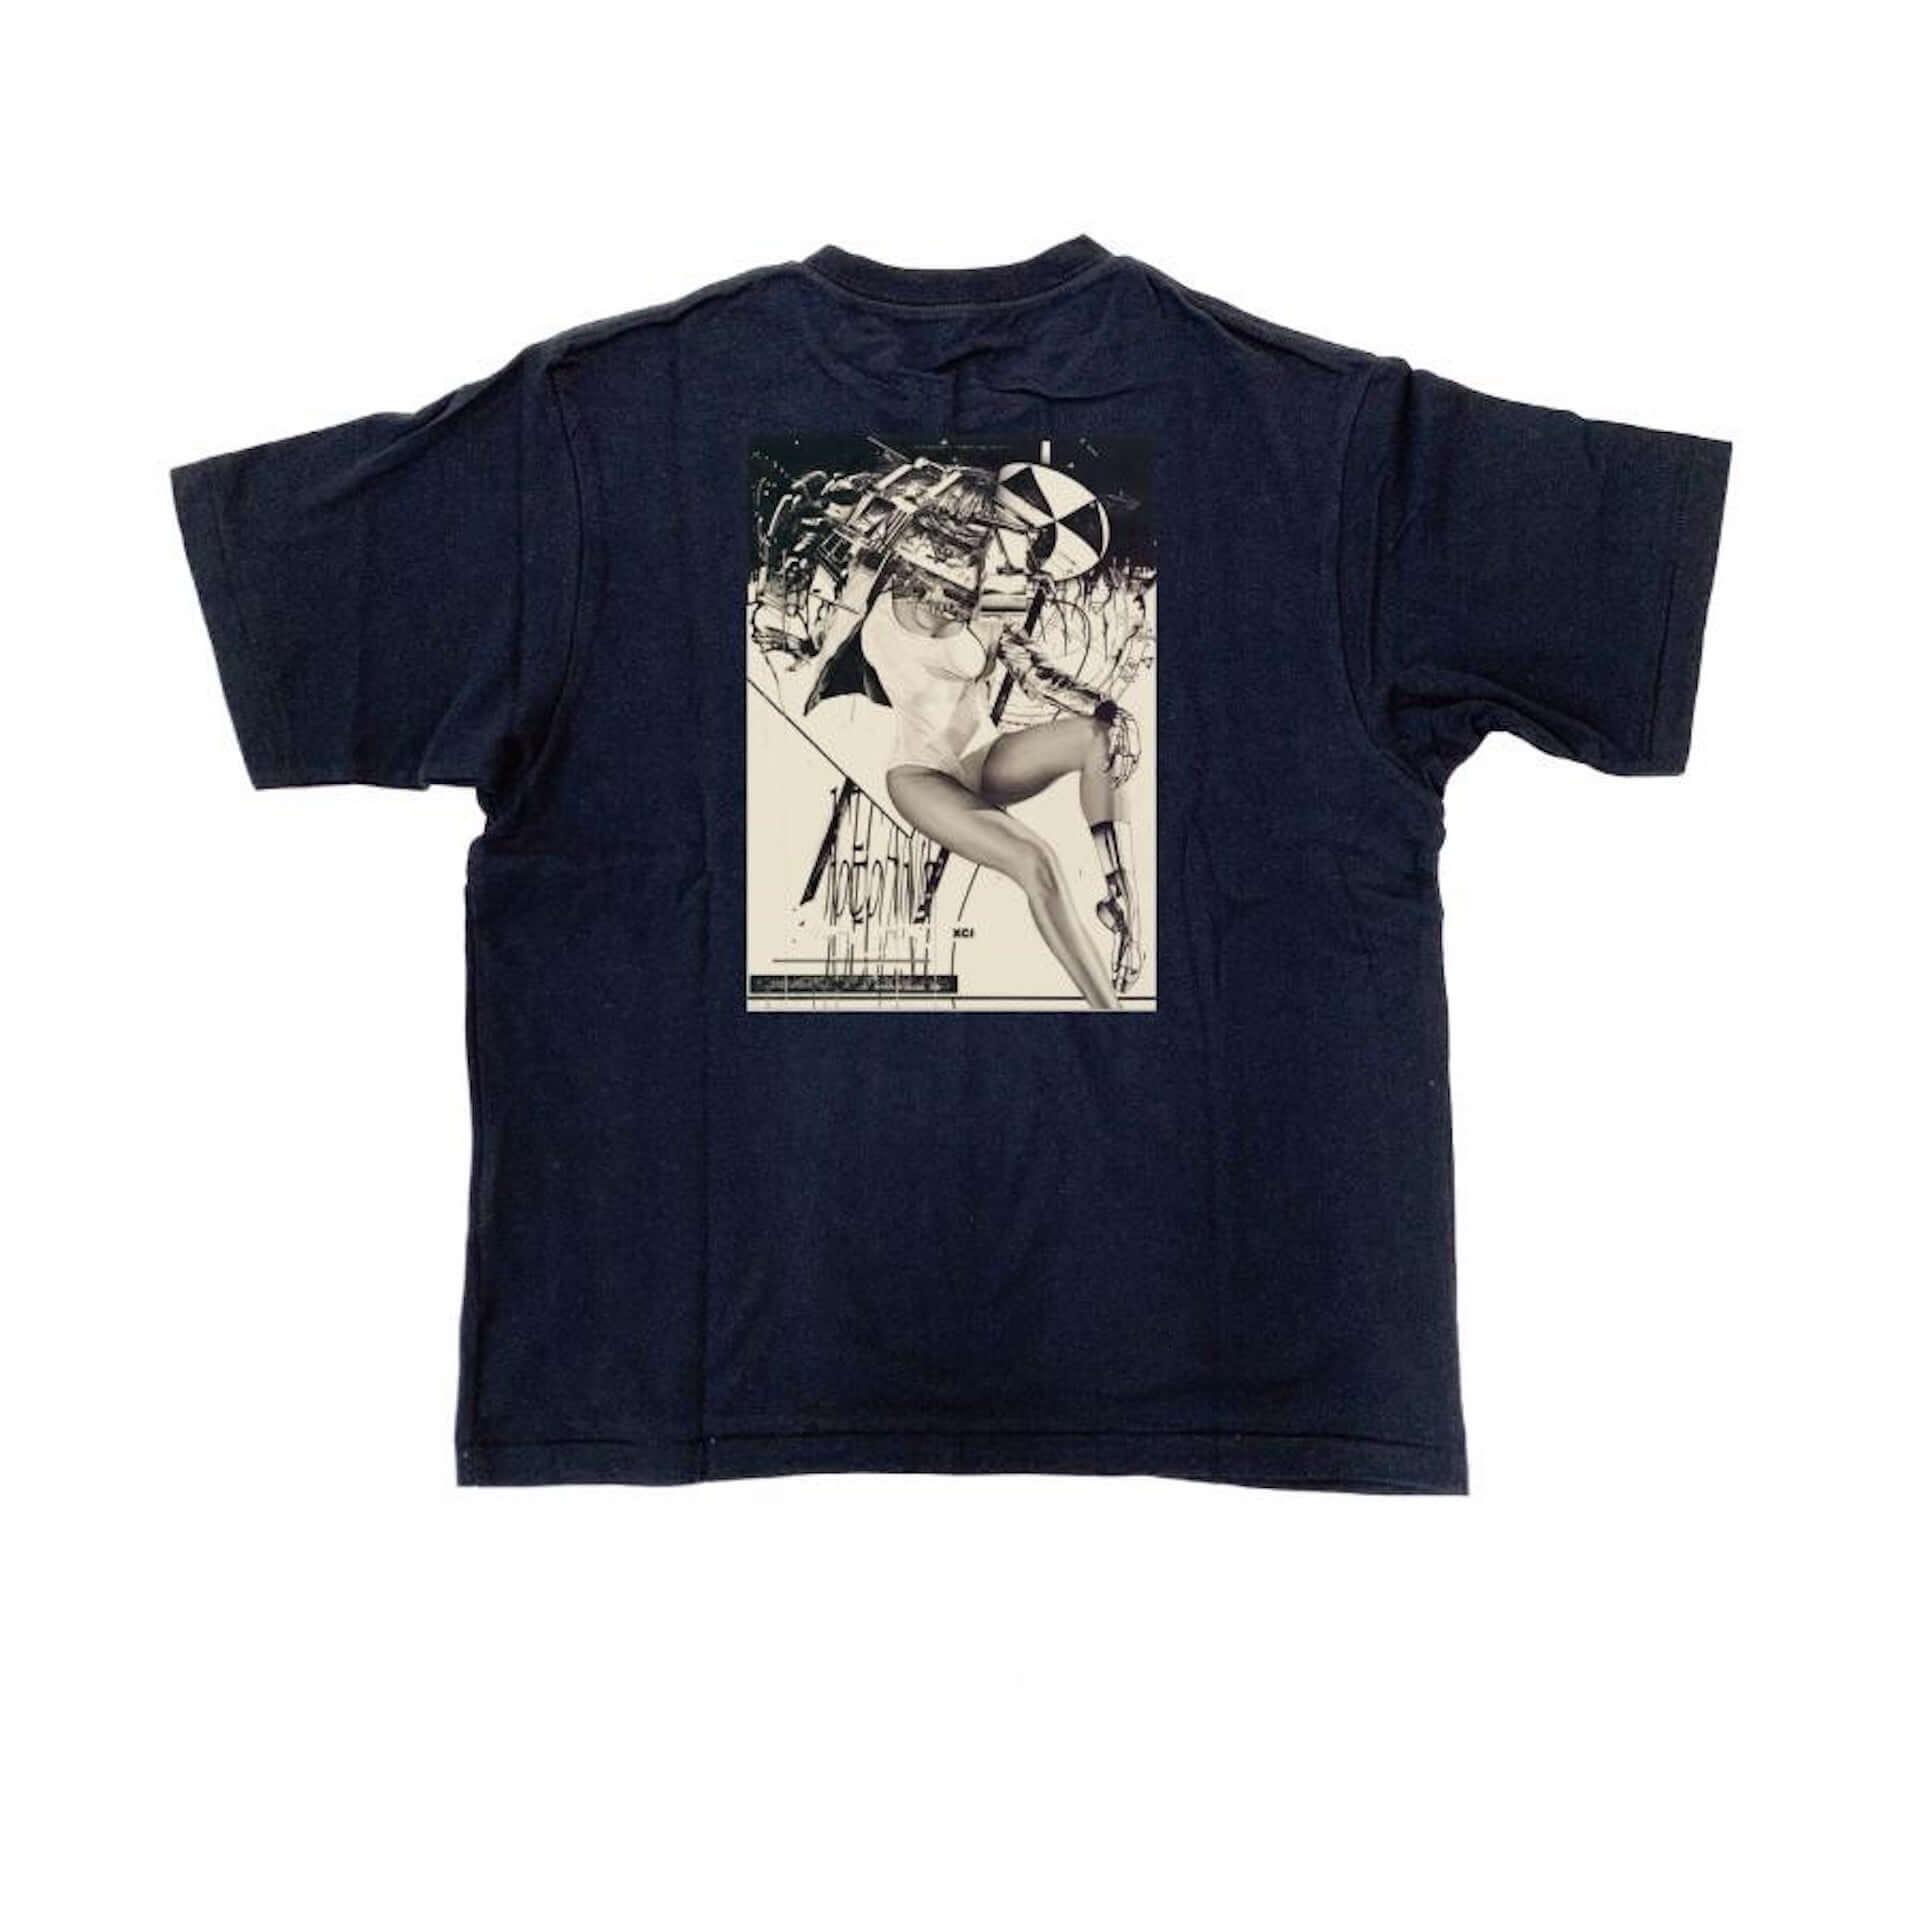 山口はるみ、空山基も参加!NANZUKA<GLOBAL POP UNDERGROUND>の限定Tシャツがリリース|オンライン展示も開始 art200715_parco_gpu_4-1920x1920